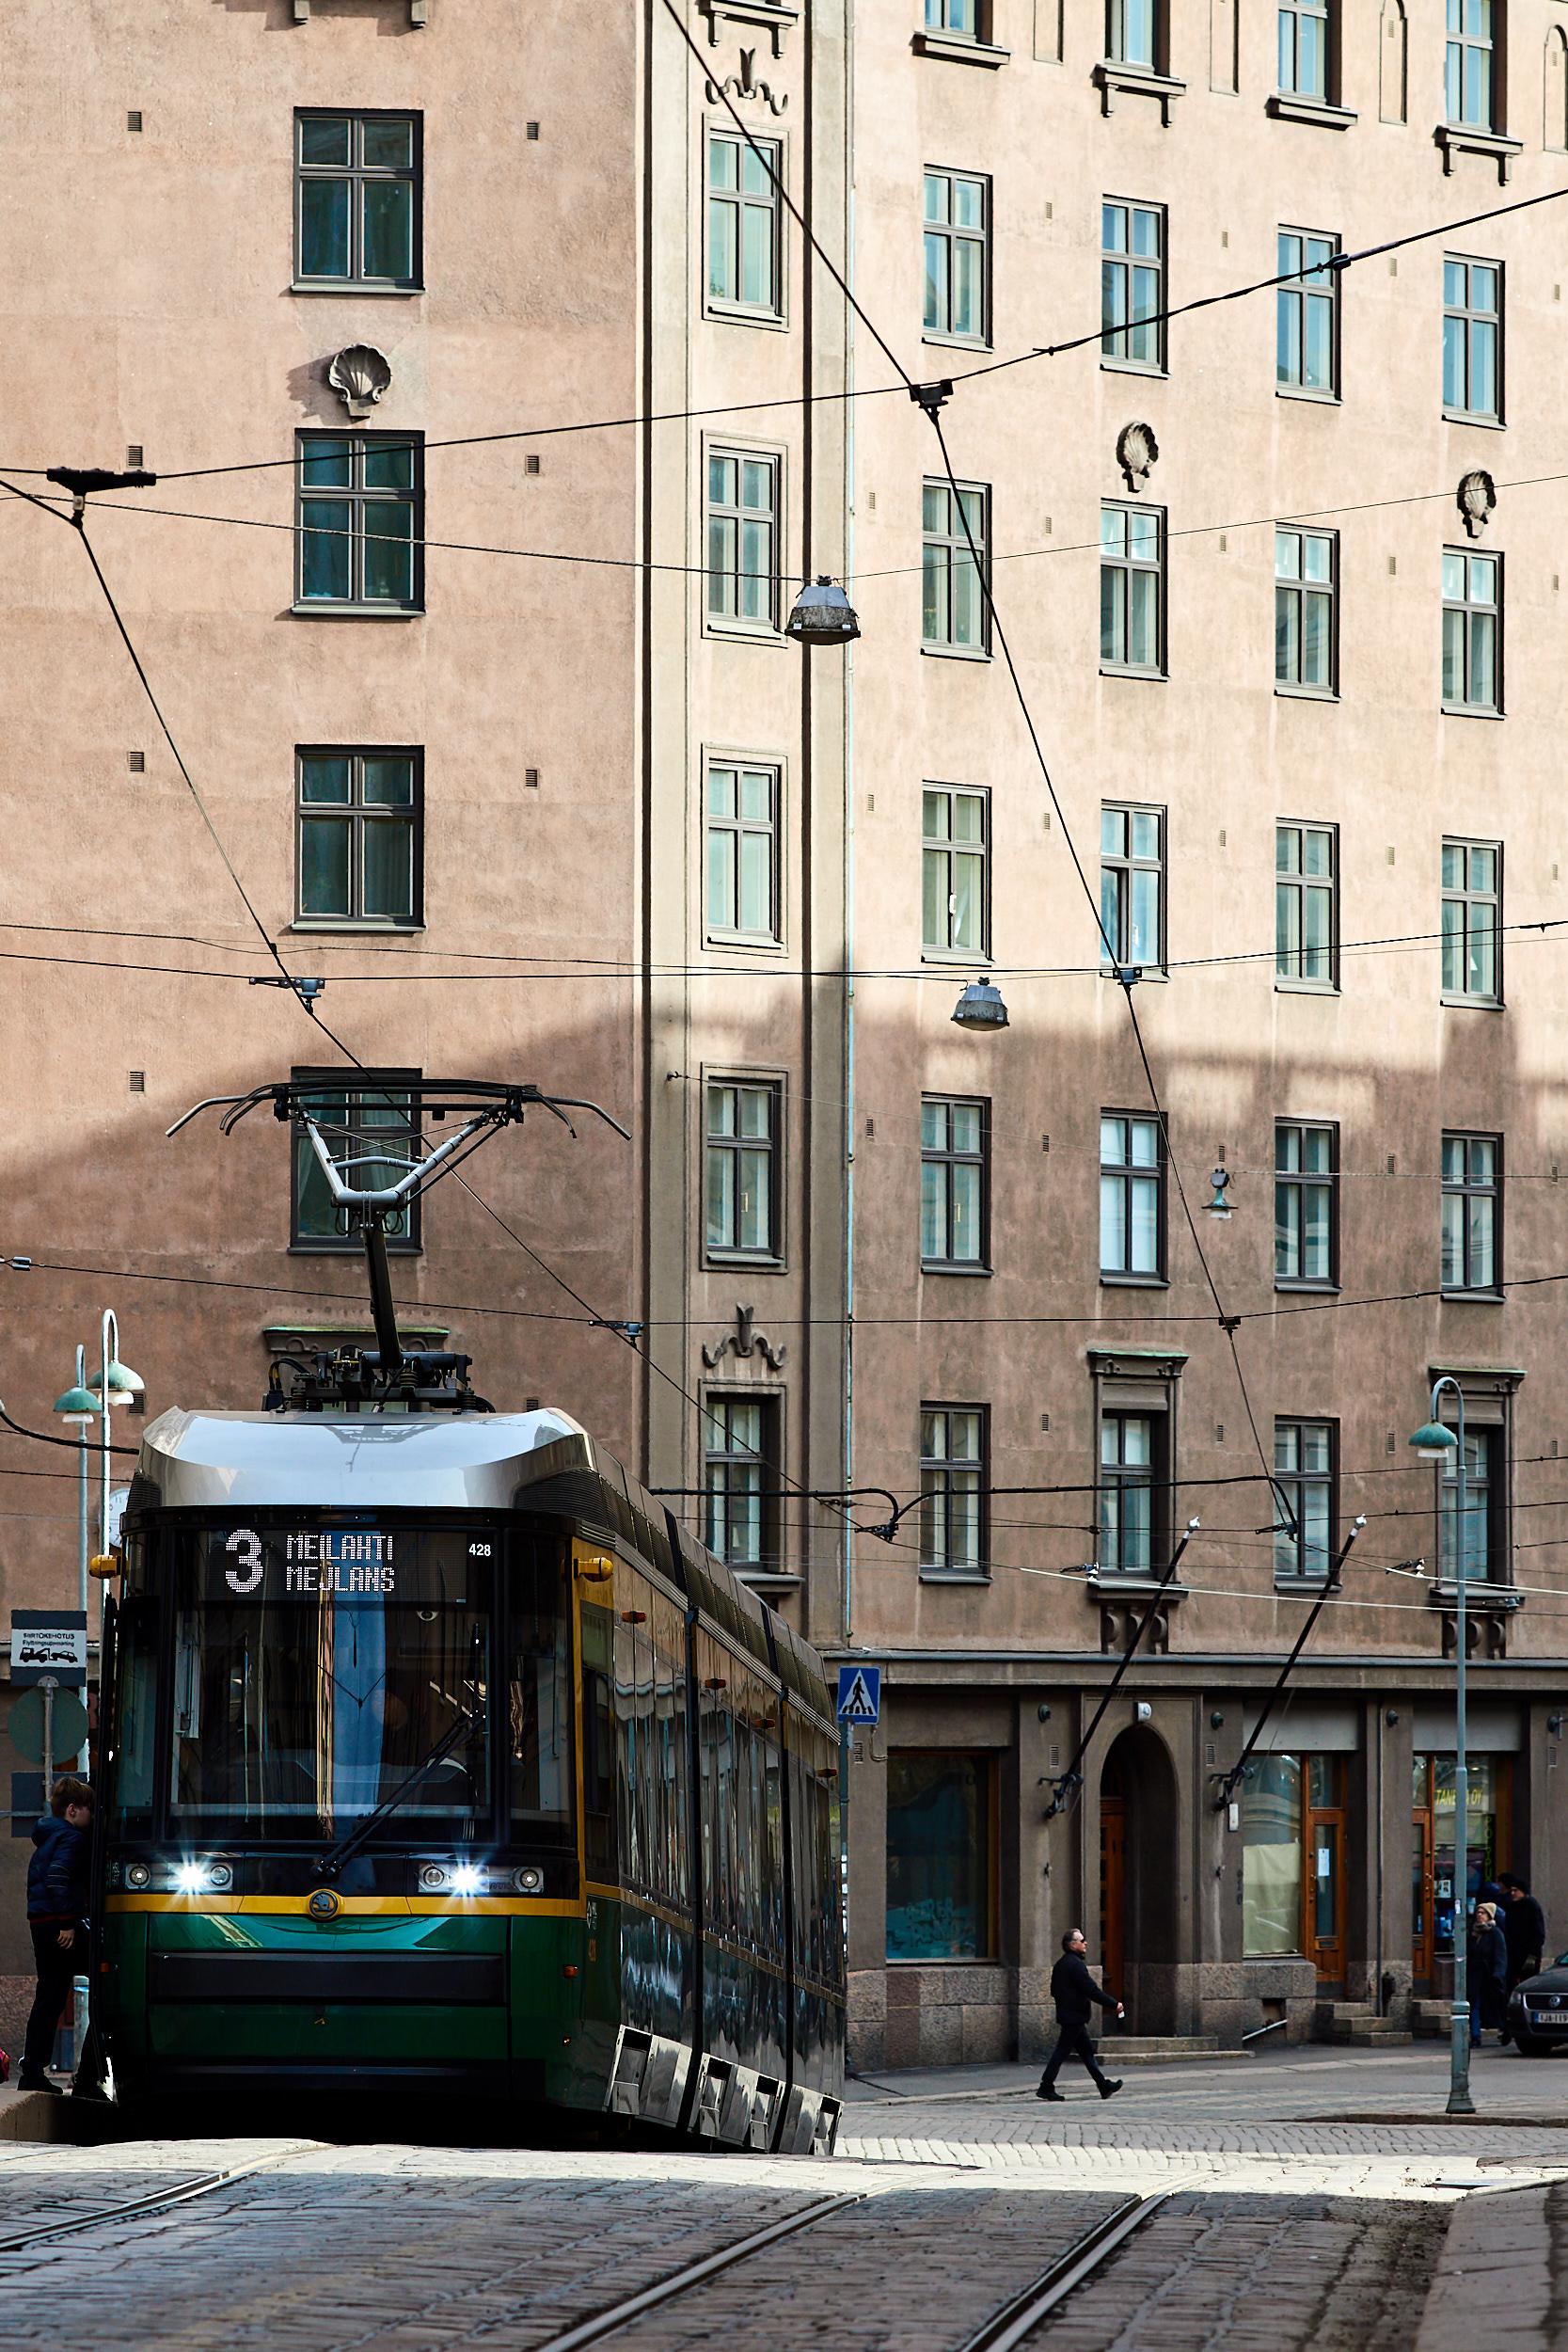 135 mm - 2019-03-30 15.27.04 - Helsinki Anne.jpg